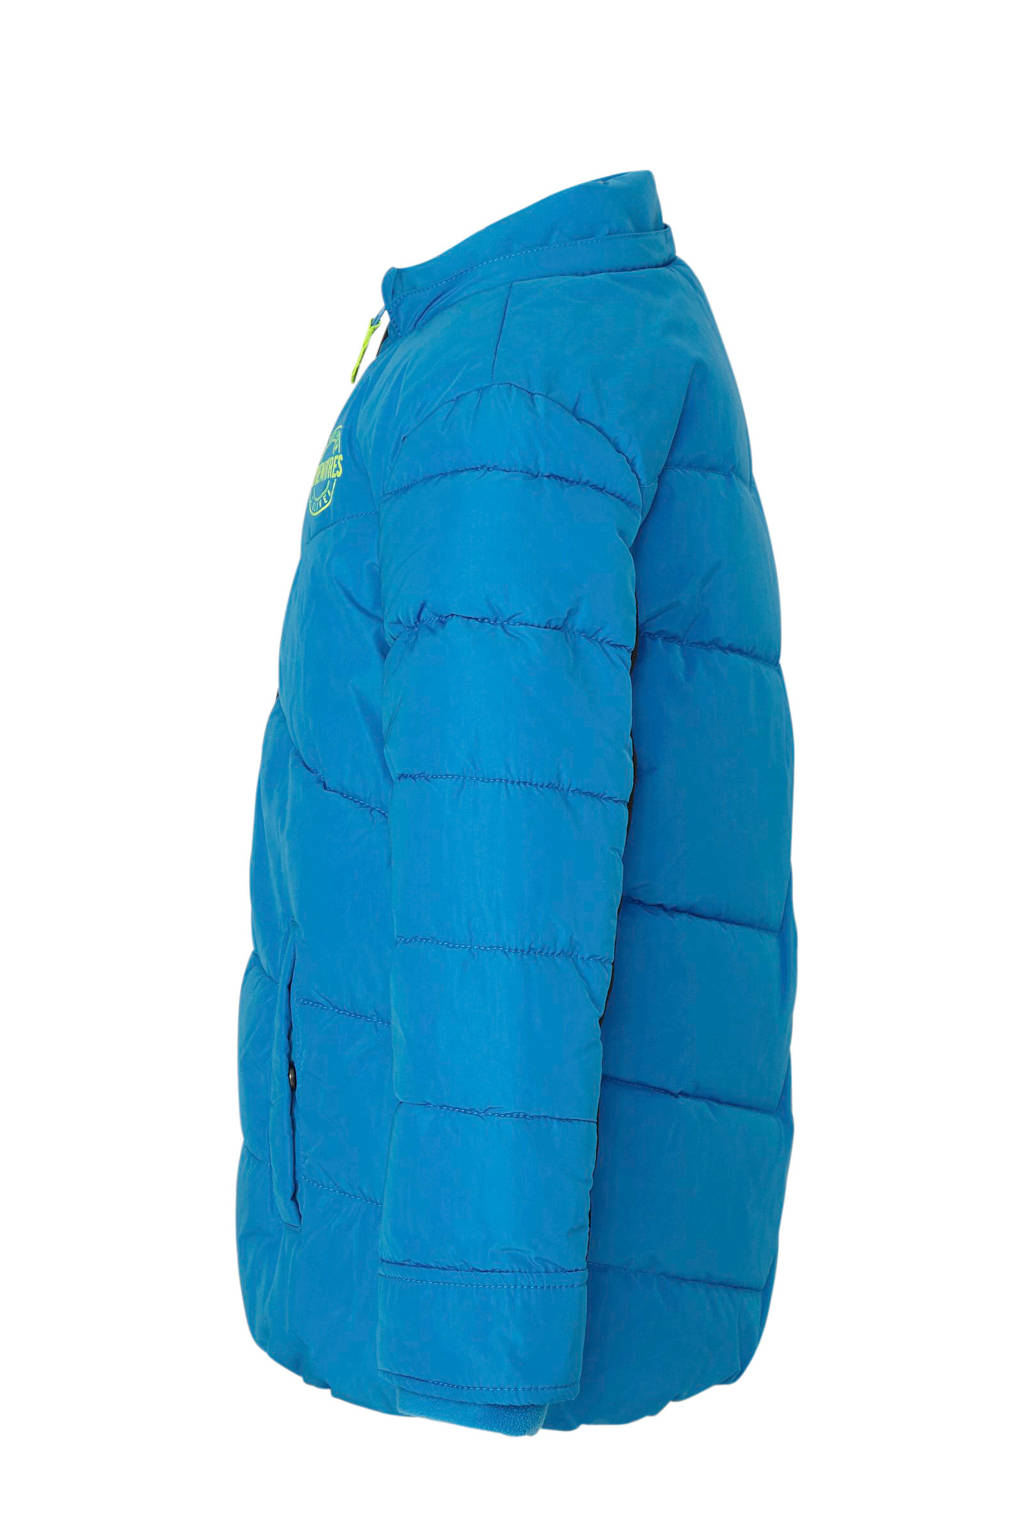 s.Oliver winterjas hardblauw, Hardblauw